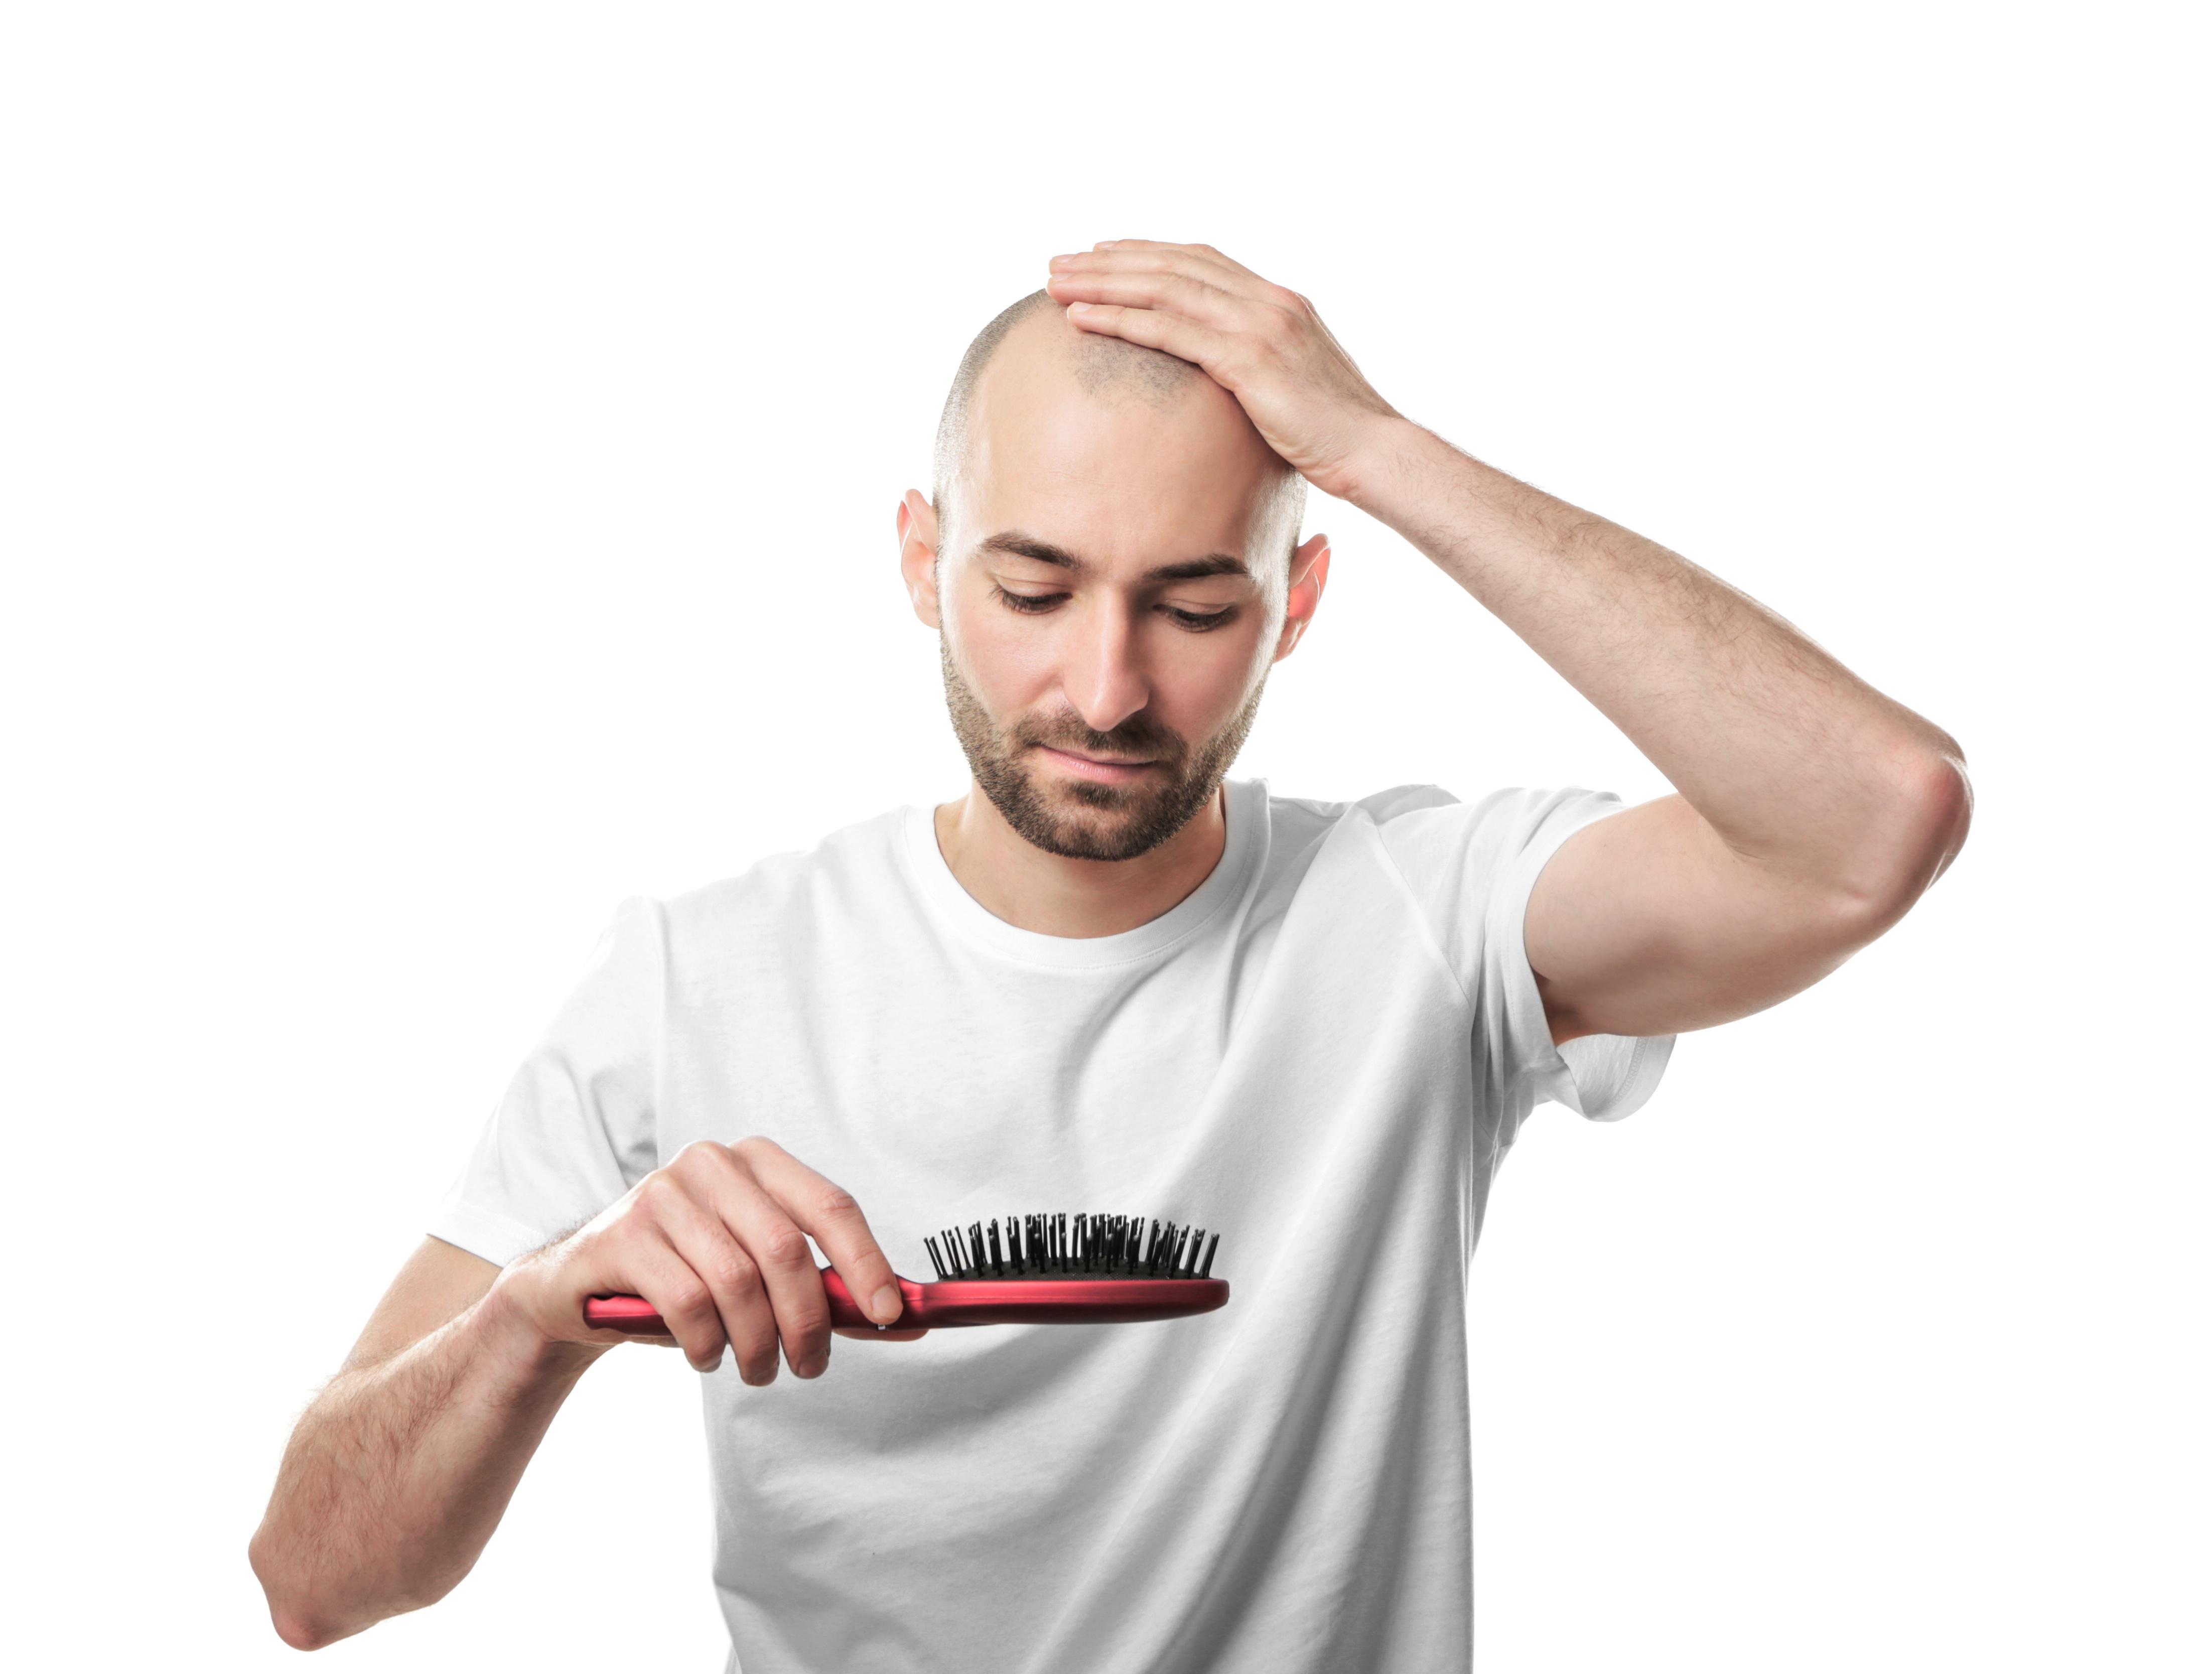 Pot folosi părul altcuiva pentru implant? Va cădea tot părul implantat?